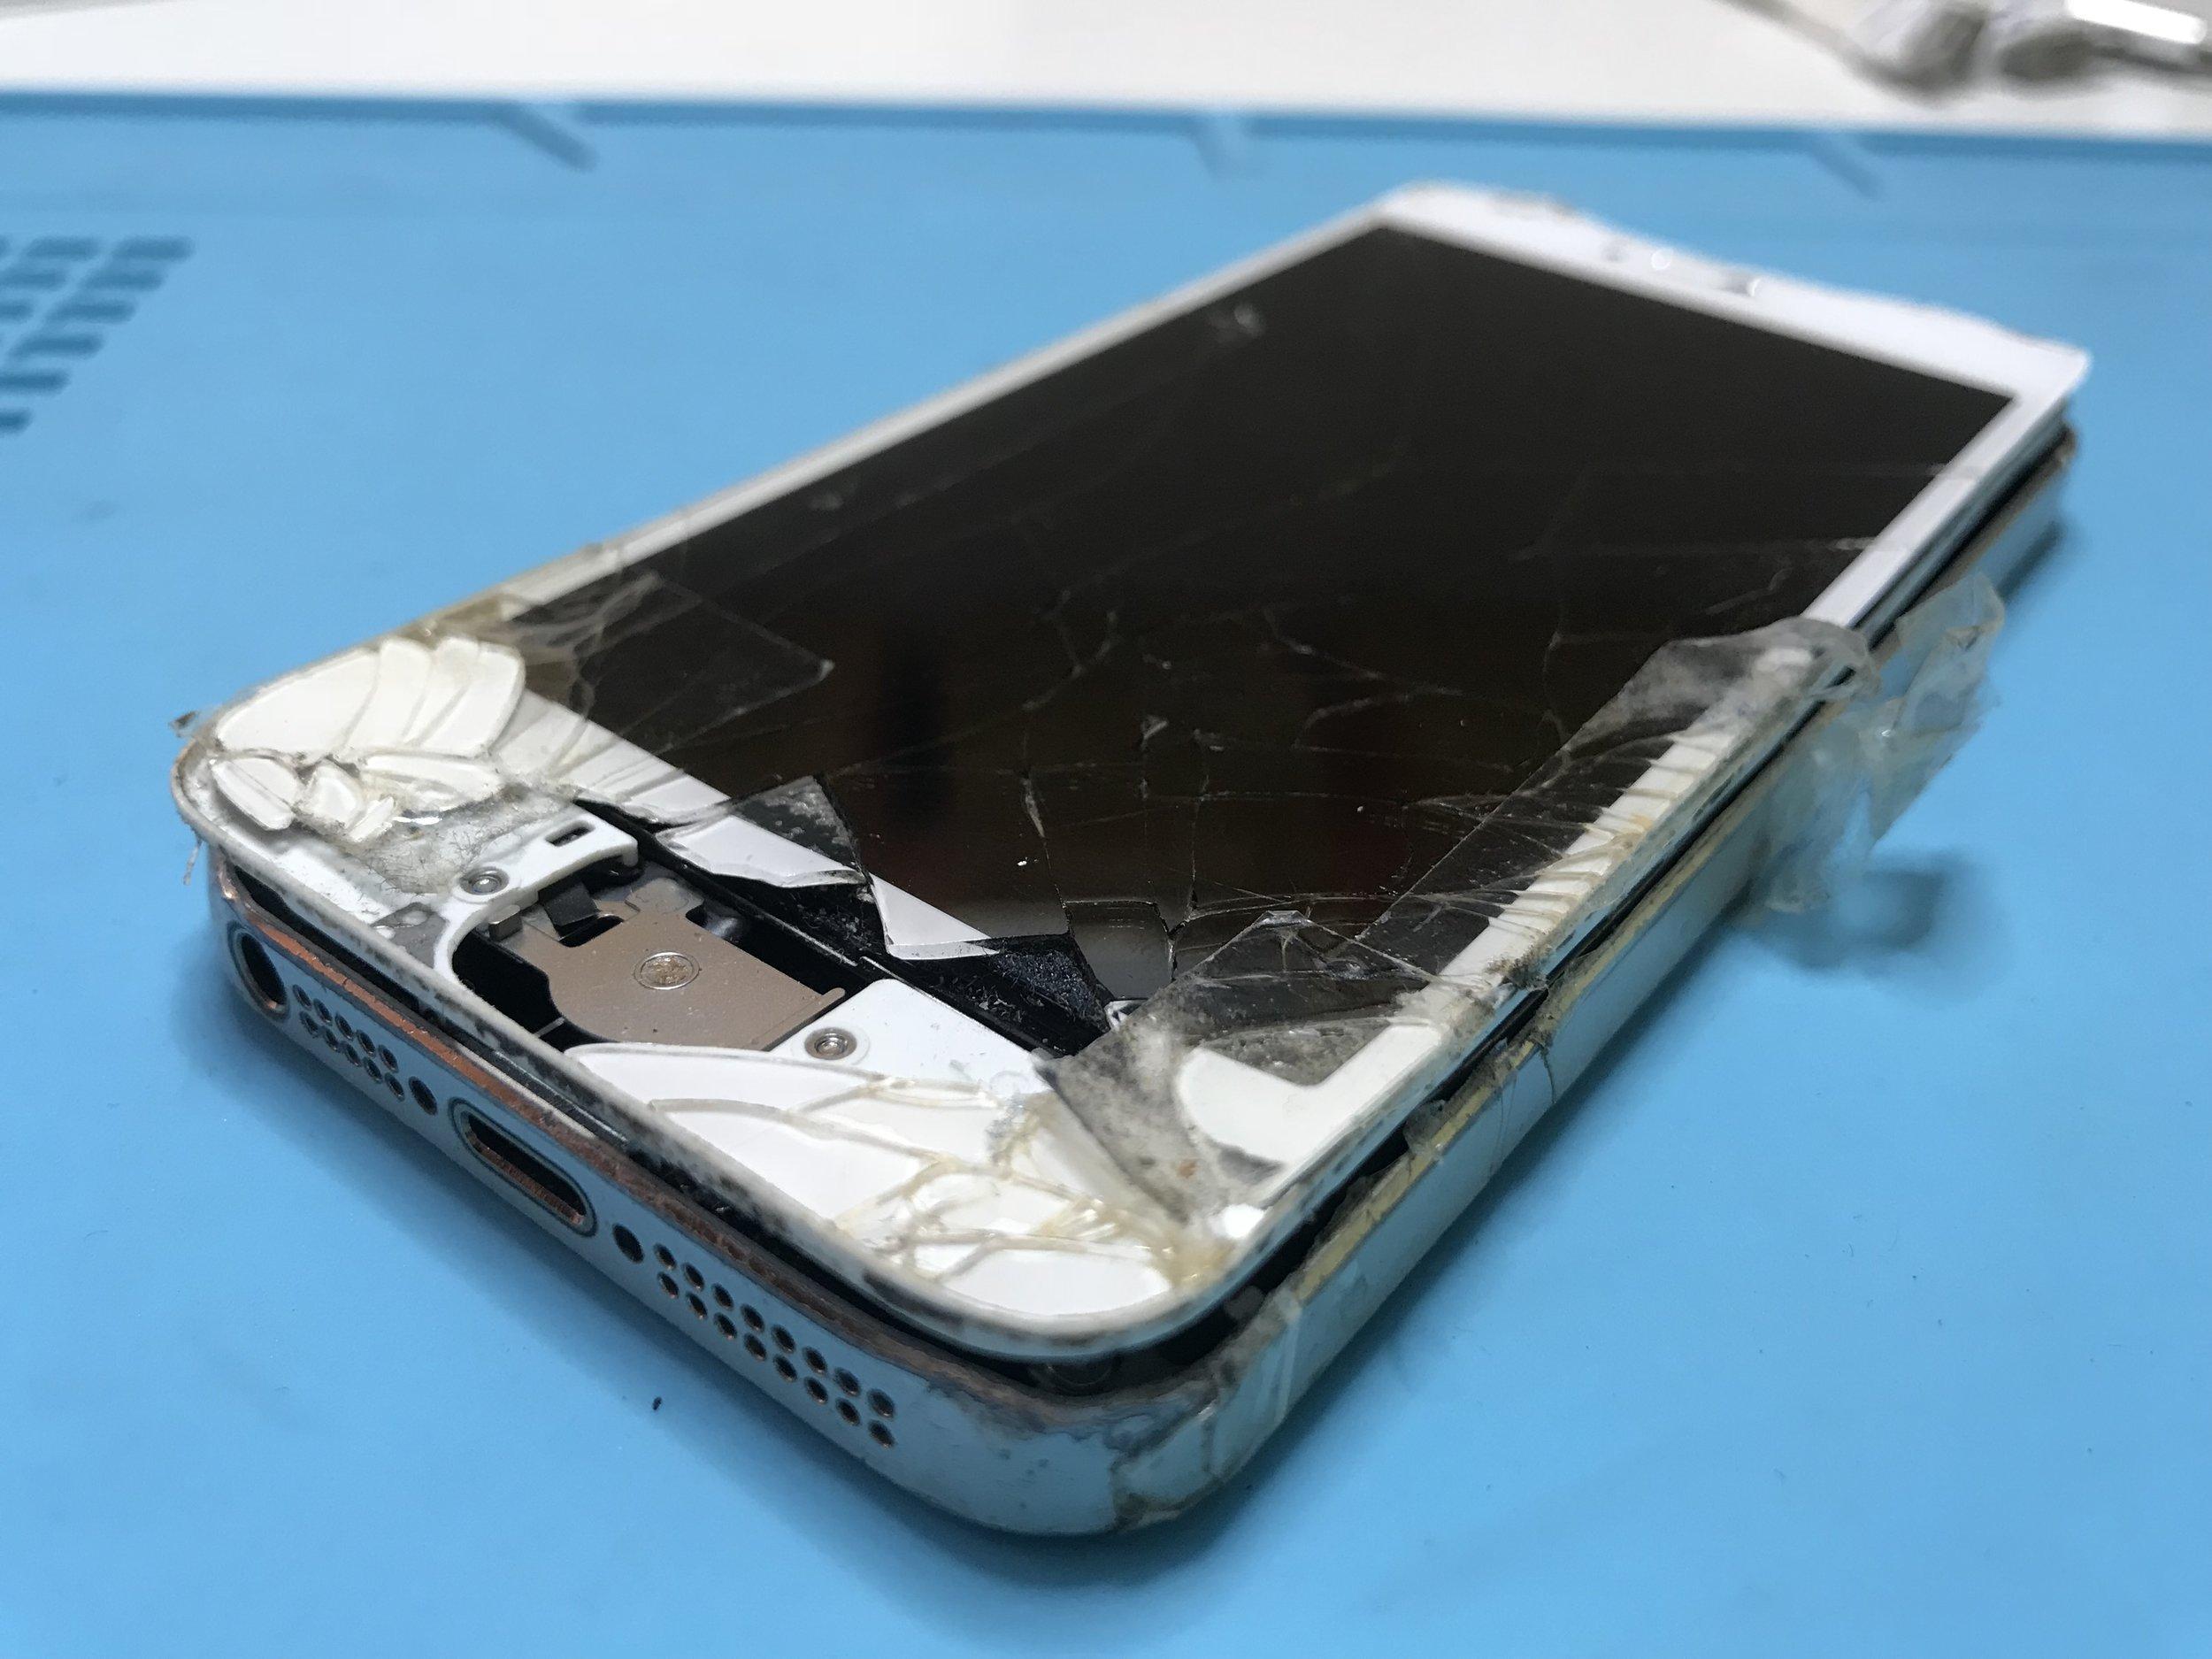 Broken-iPhone-5s.JPG